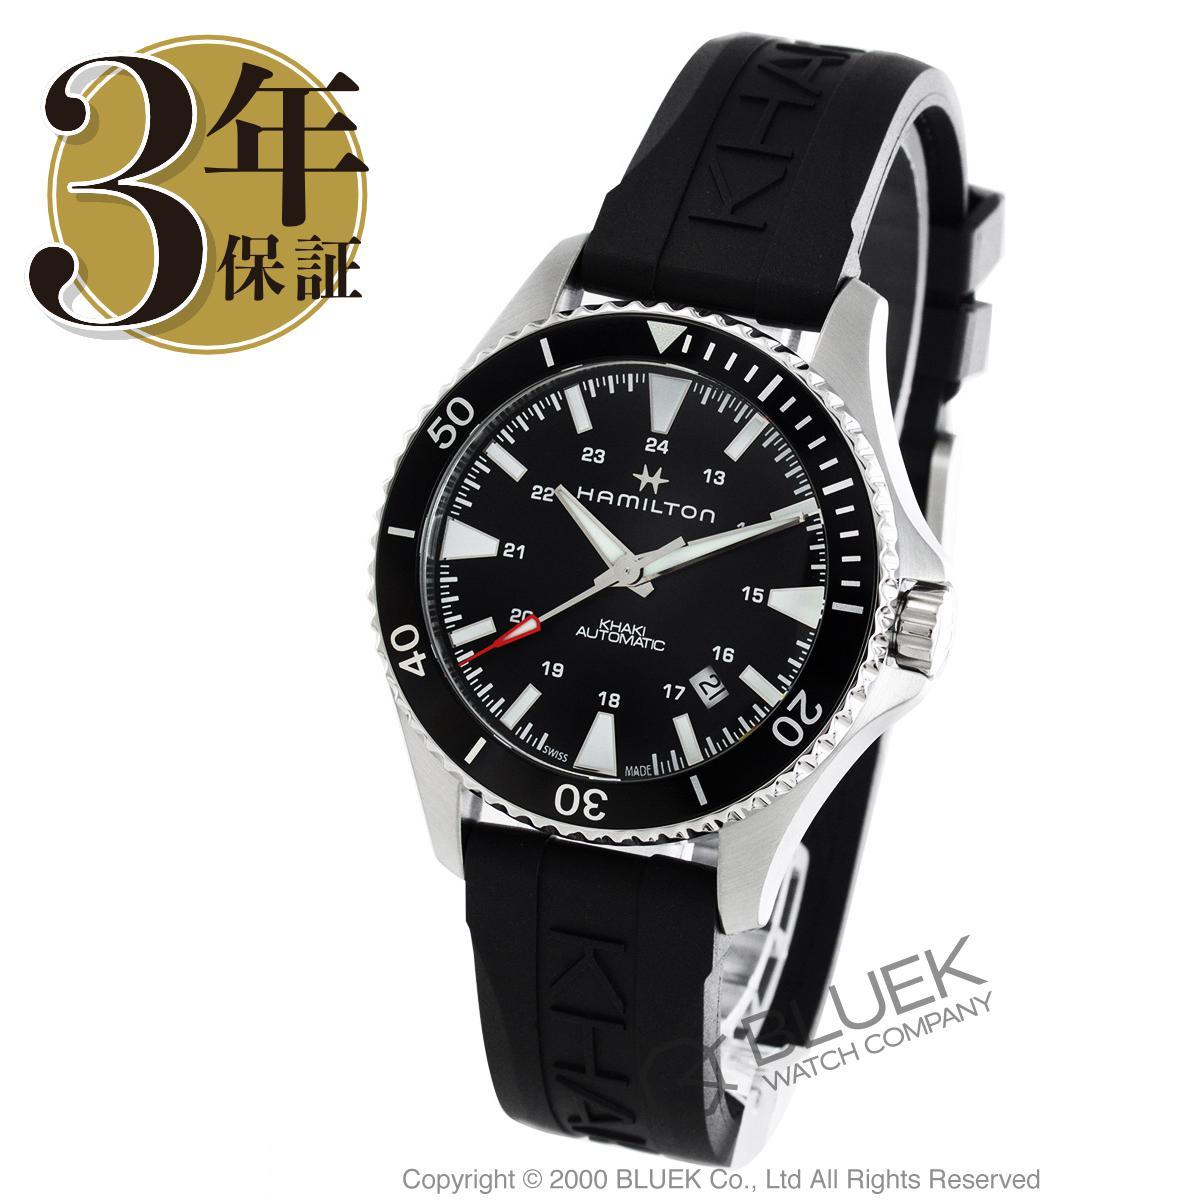 ハミルトン カーキ ネイビー スキューバ オート 腕時計 メンズ HAMILTON H82335331_8 バーゲン 成人祝い ギフト プレゼント